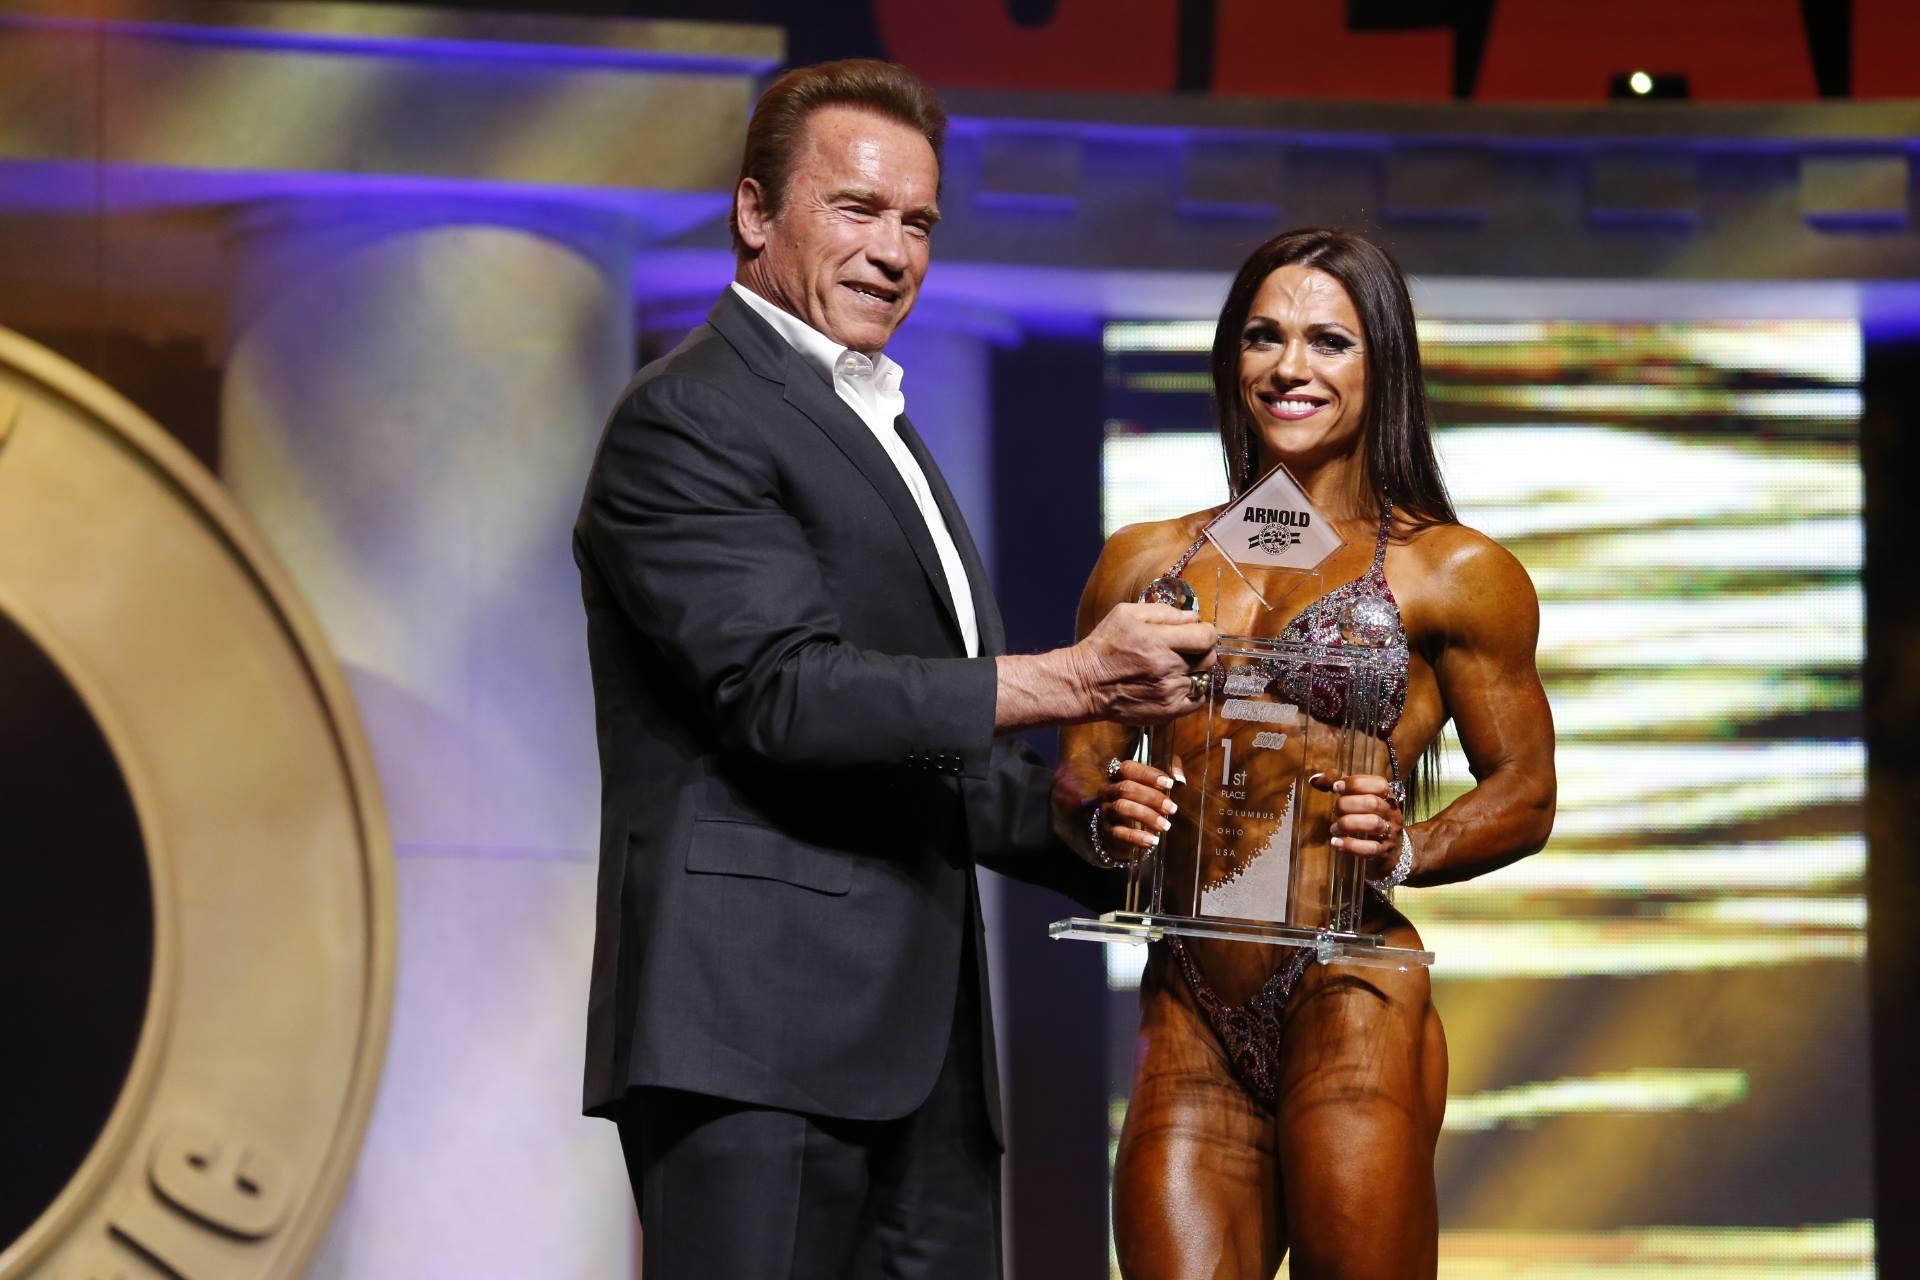 Arnold-winner2